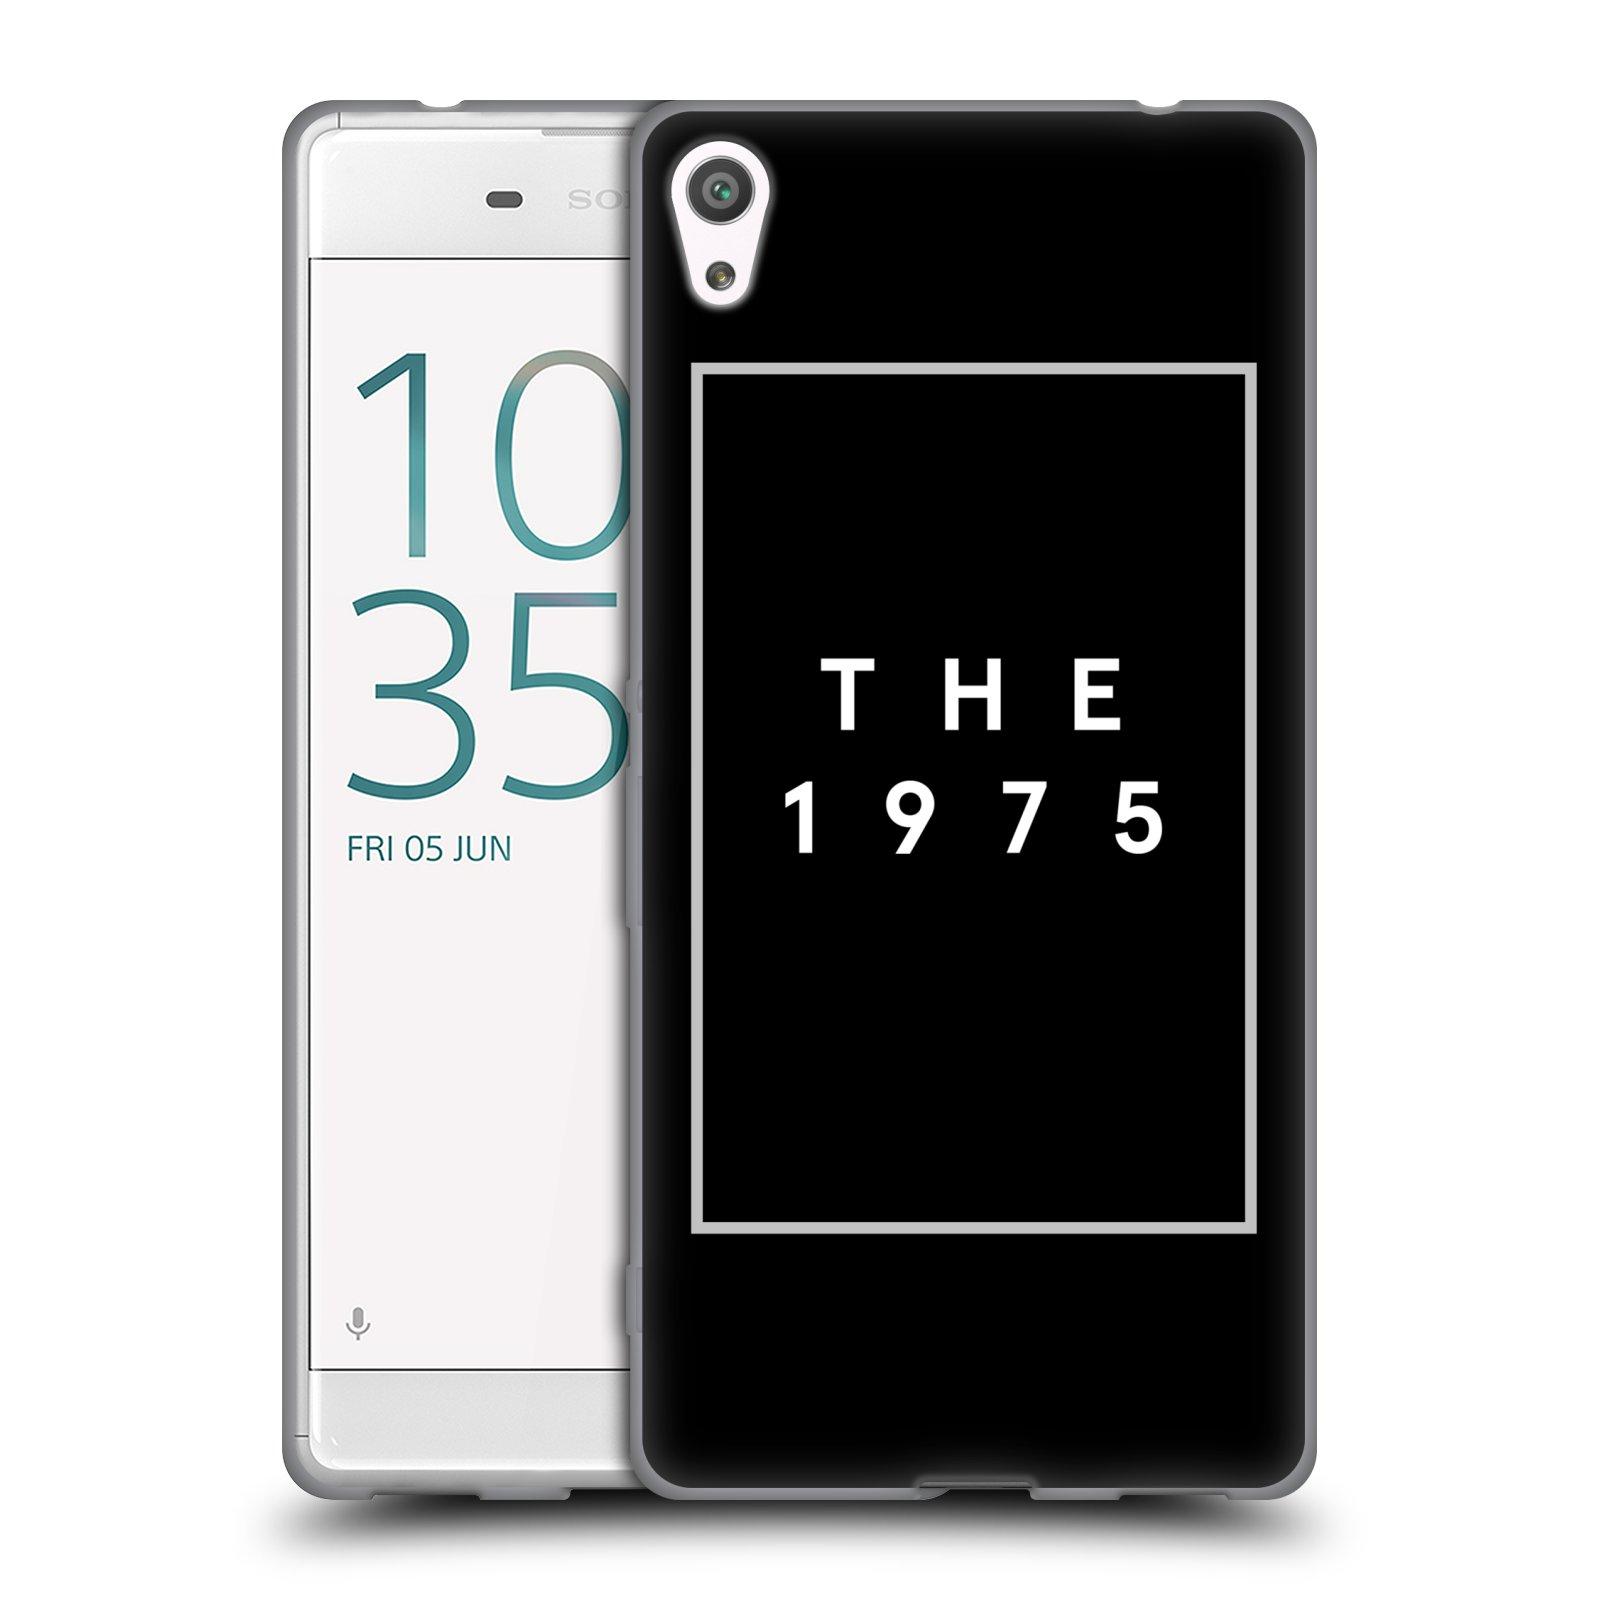 HEAD CASE silikonový obal na mobil Sony Xperia XA ULTRA indie rock skupina The 1975 černá